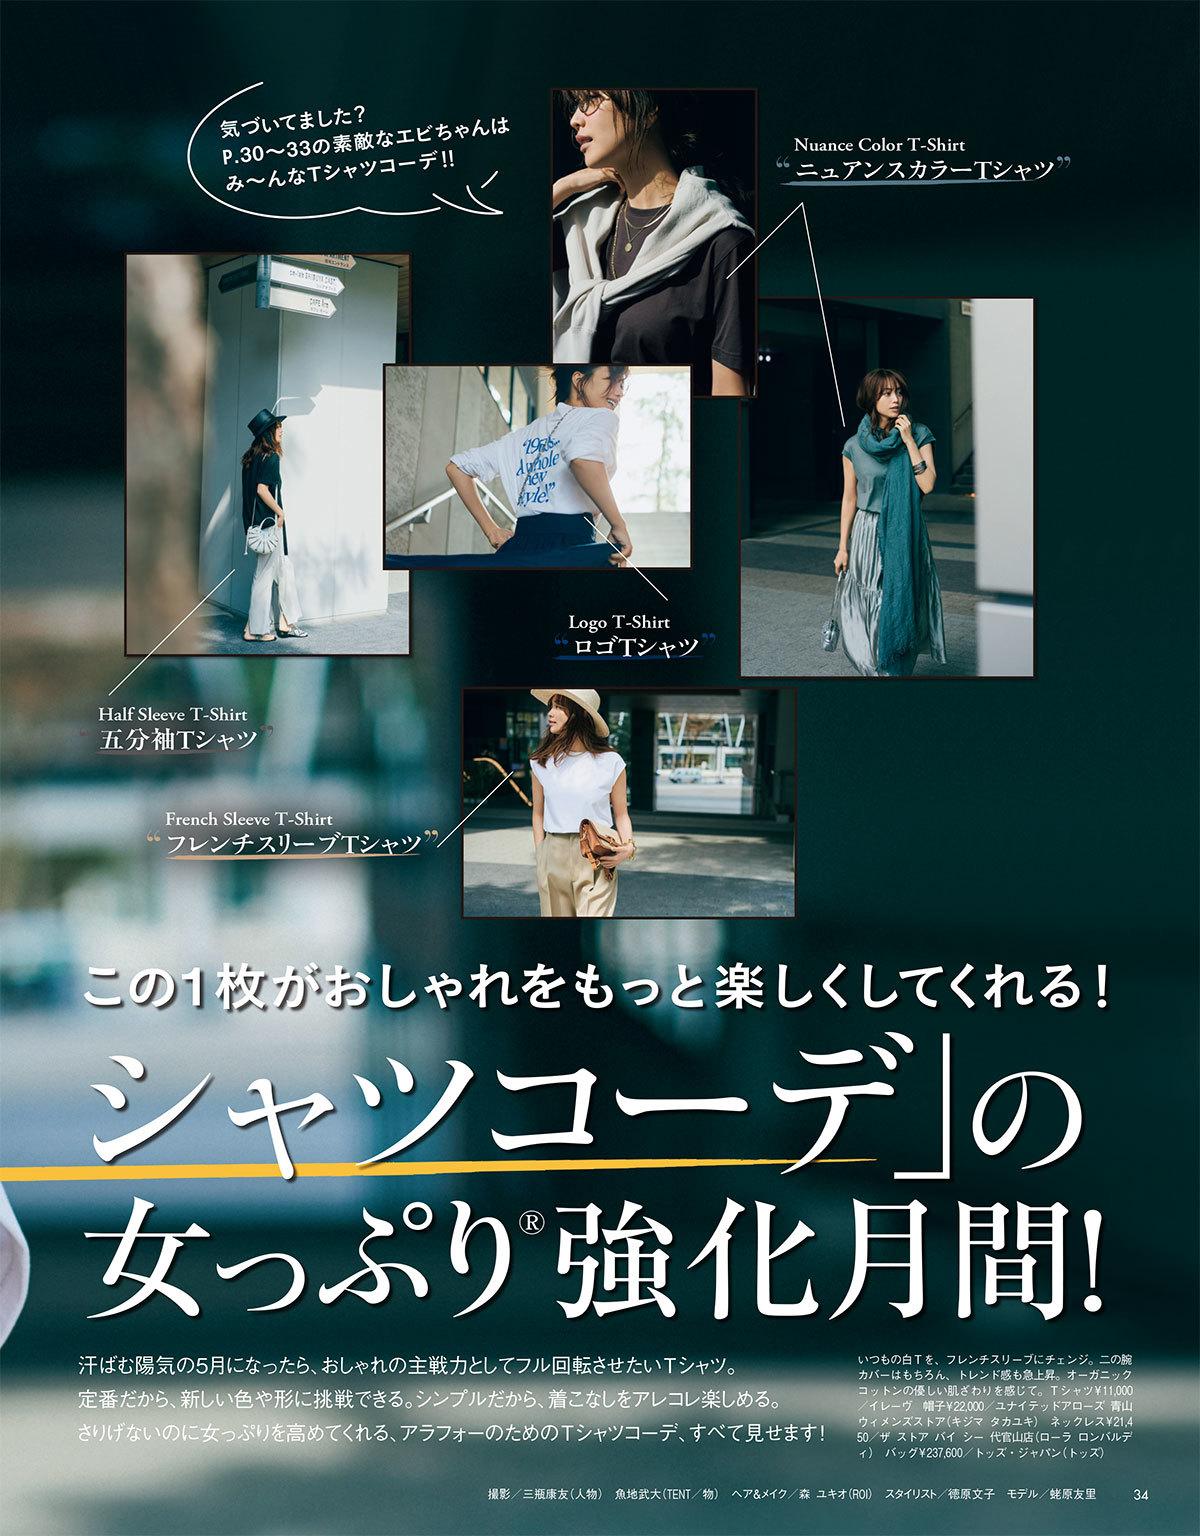 5月は「Tシャツコーデ」の女っぷりⓇ強化月間!